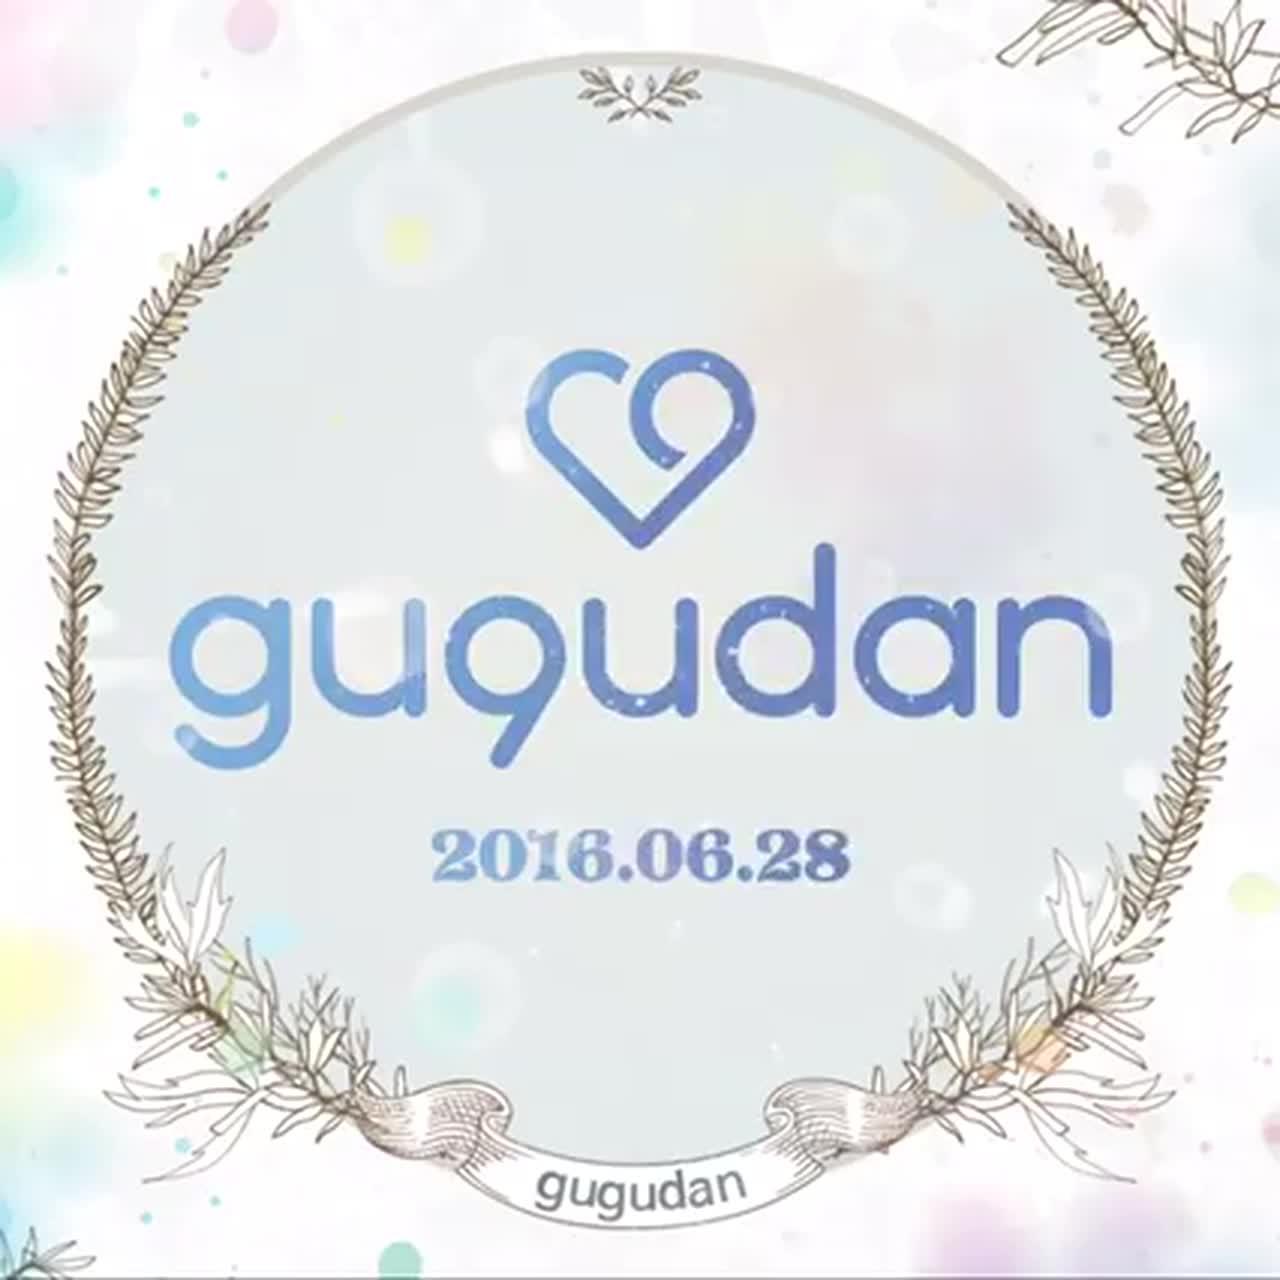 6月19日,gugudan的Facebook專頁也公開了gugudan的出道日程表,大家是不是跟小編一樣到28日以前每天都很期待阿~